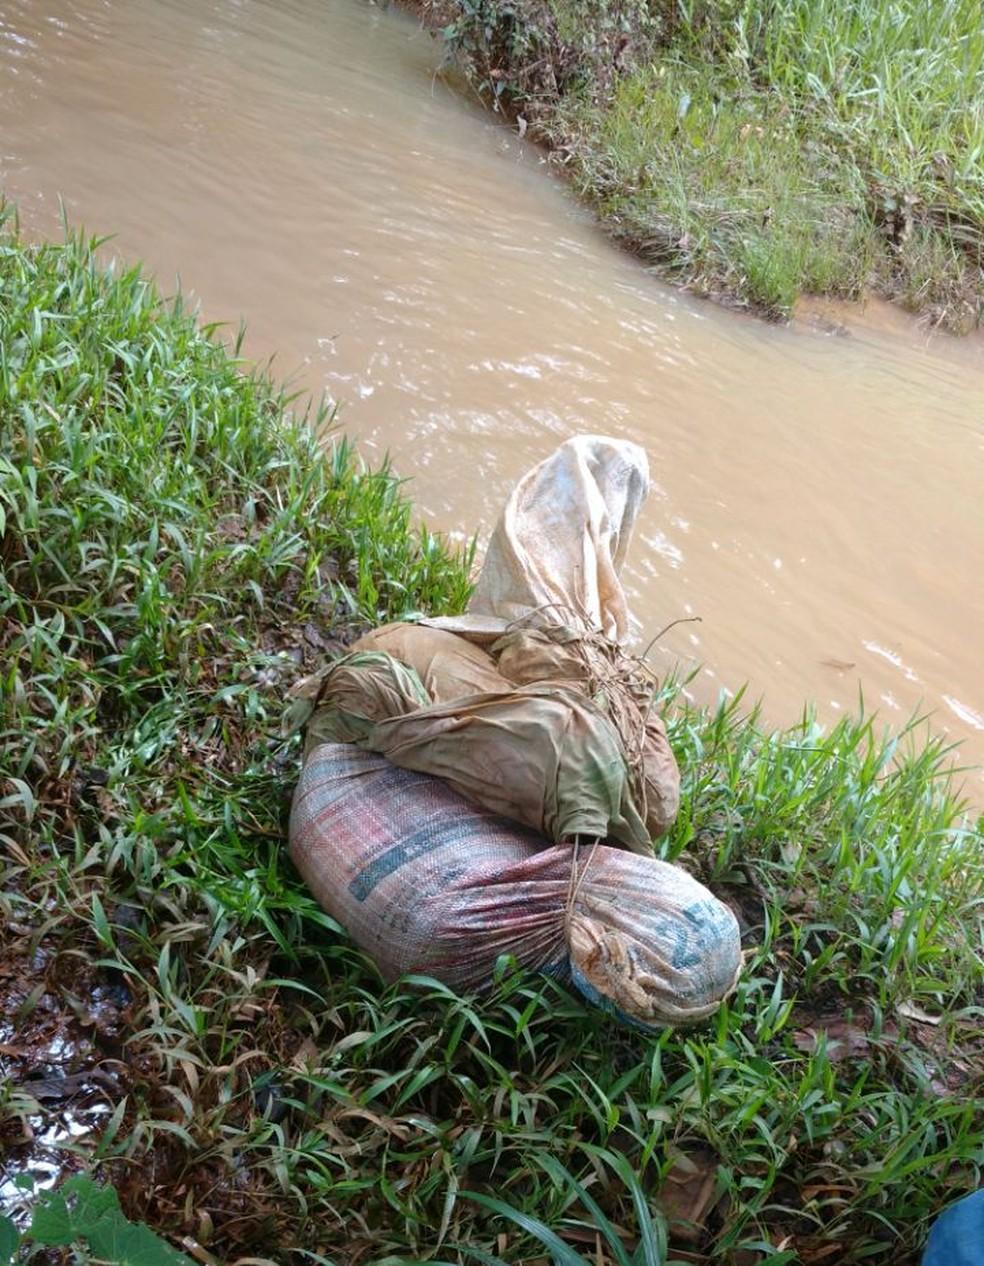 Vítima foi achada com pescoço cortado dentro de saco (Foto: WhatsApp/Reprodução)